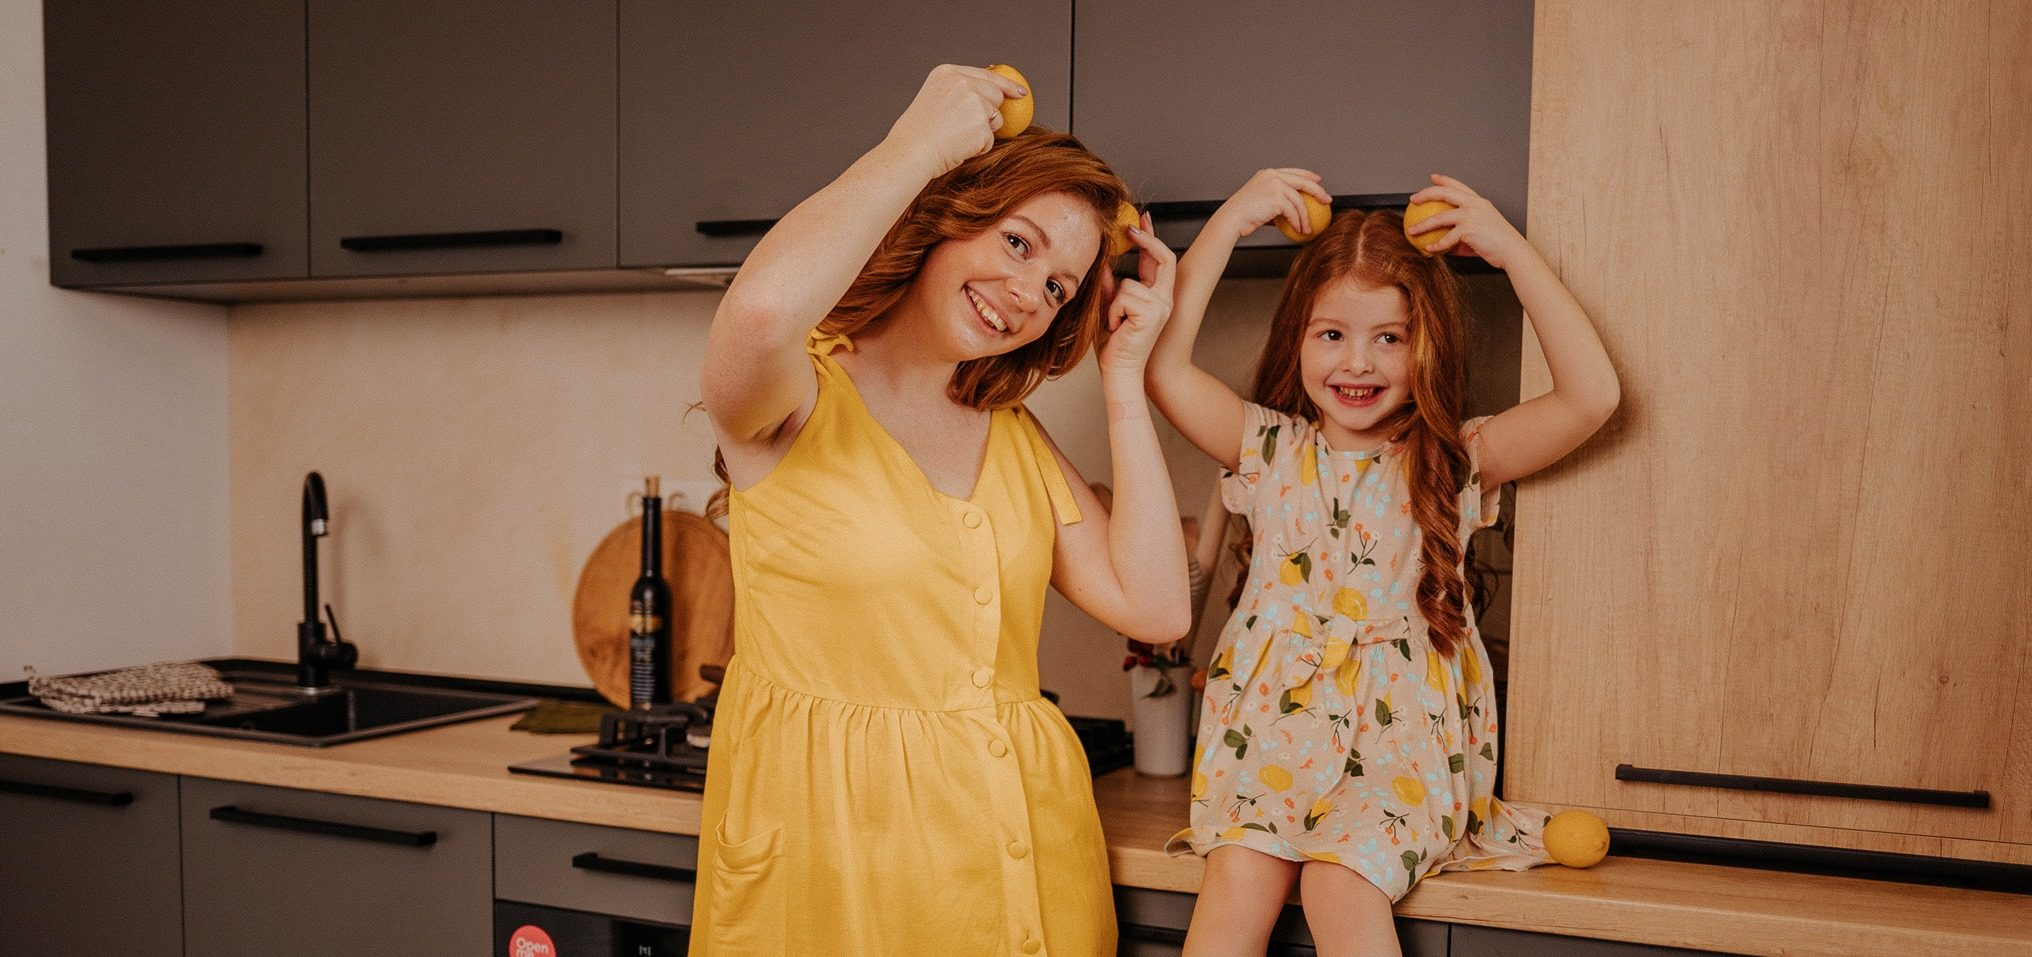 Батьківські лайфхаки, або як пережити карантин з дітьми вдома